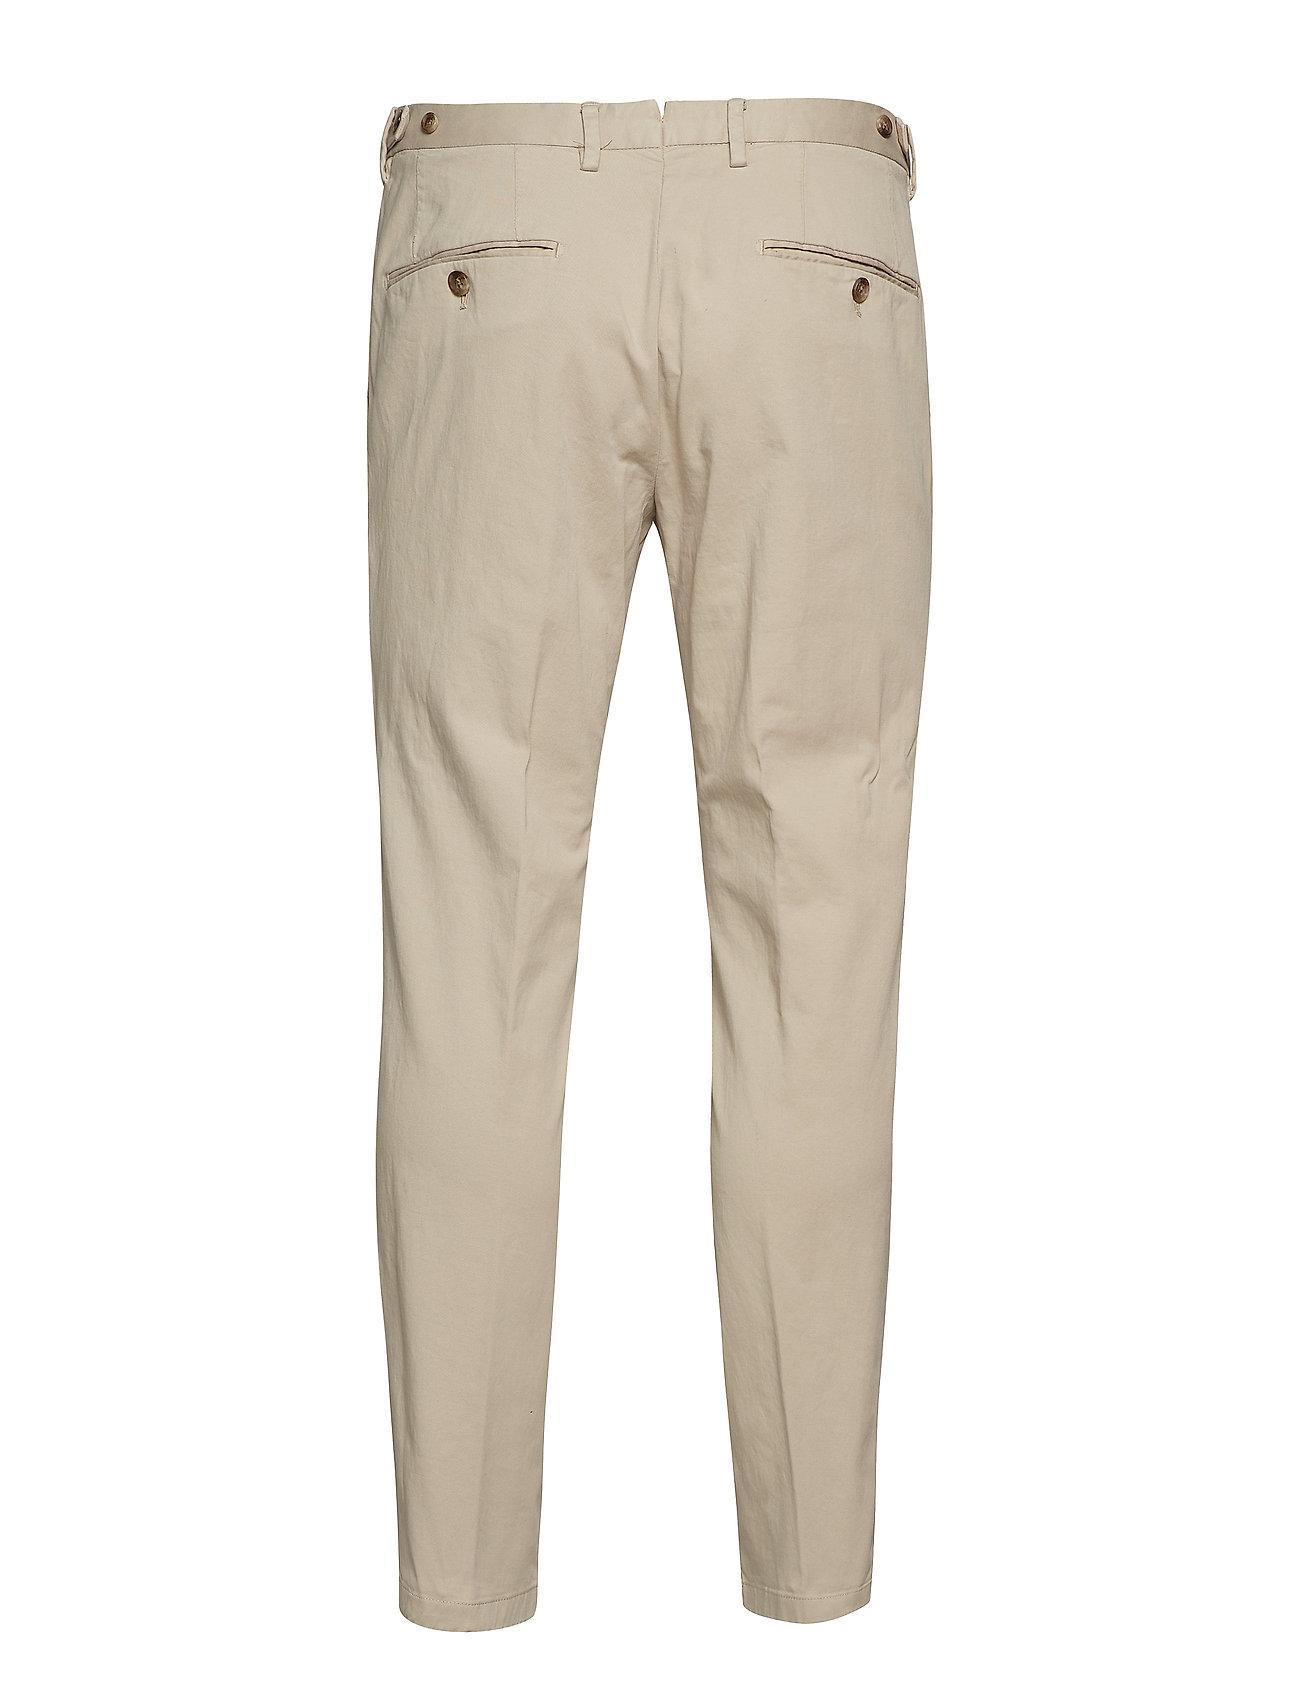 Danwick Trousers485Beige Trousers485Beige SandOscar Jacobson Danwick Danwick Jacobson SandOscar yn0PvmON8w